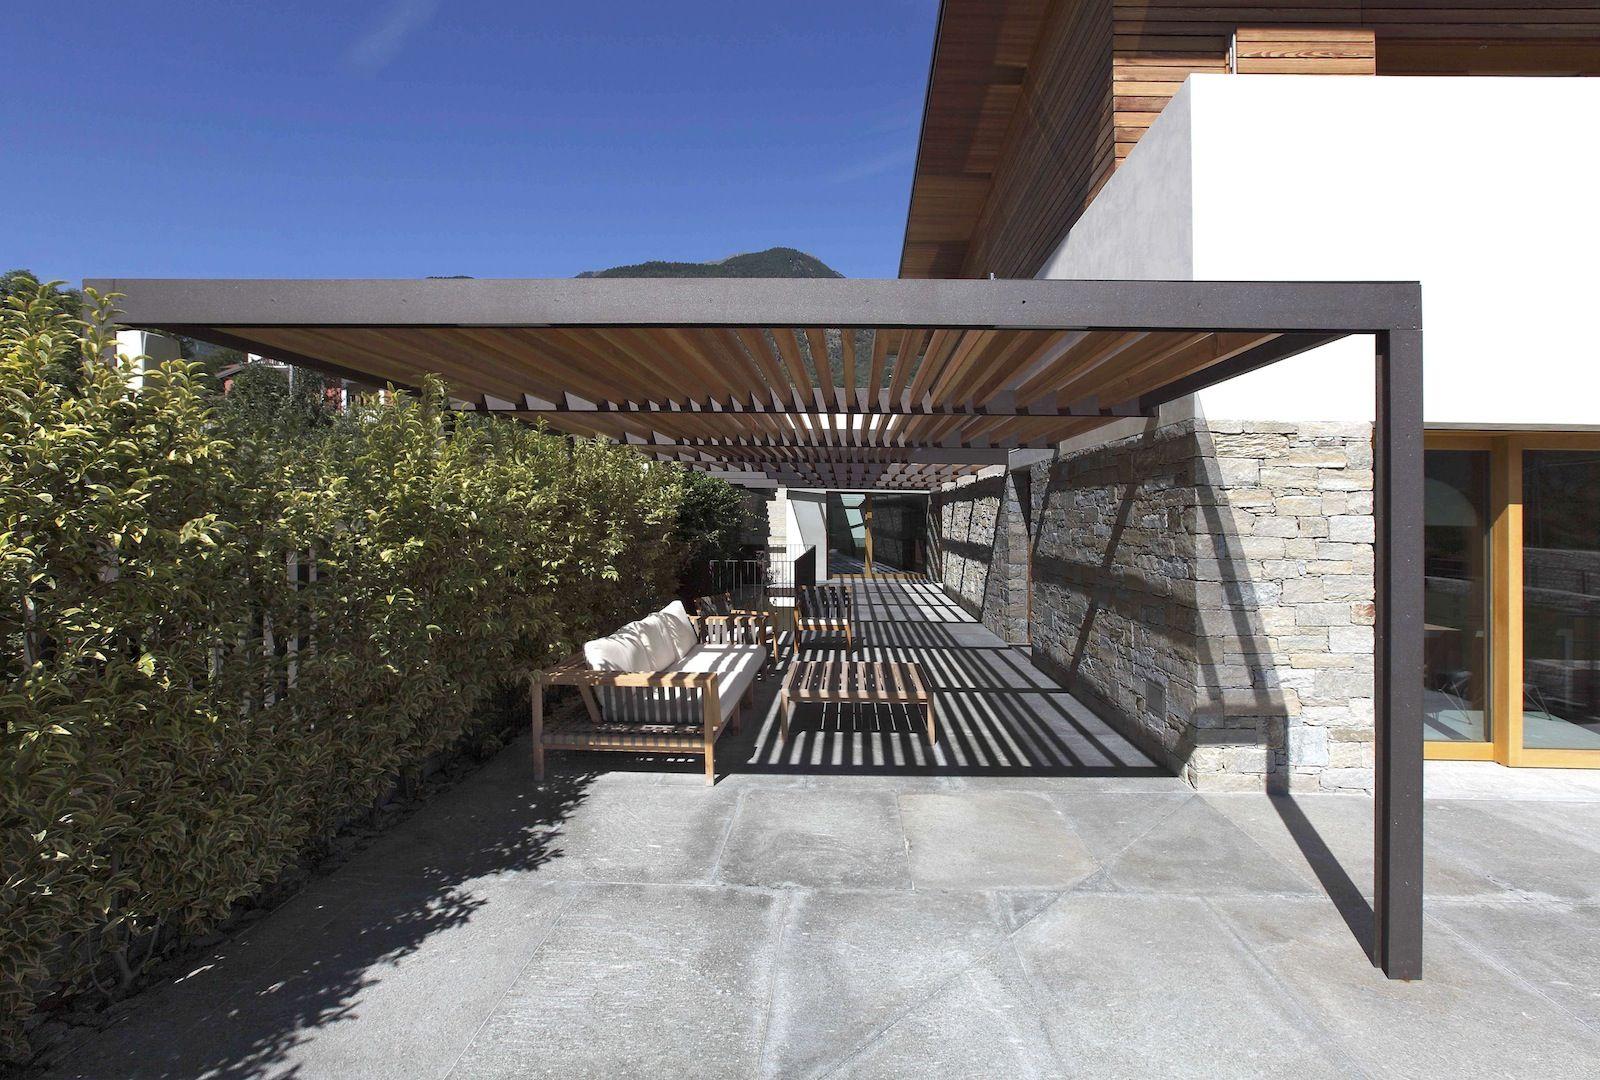 House in Valtellina - LFL architetti